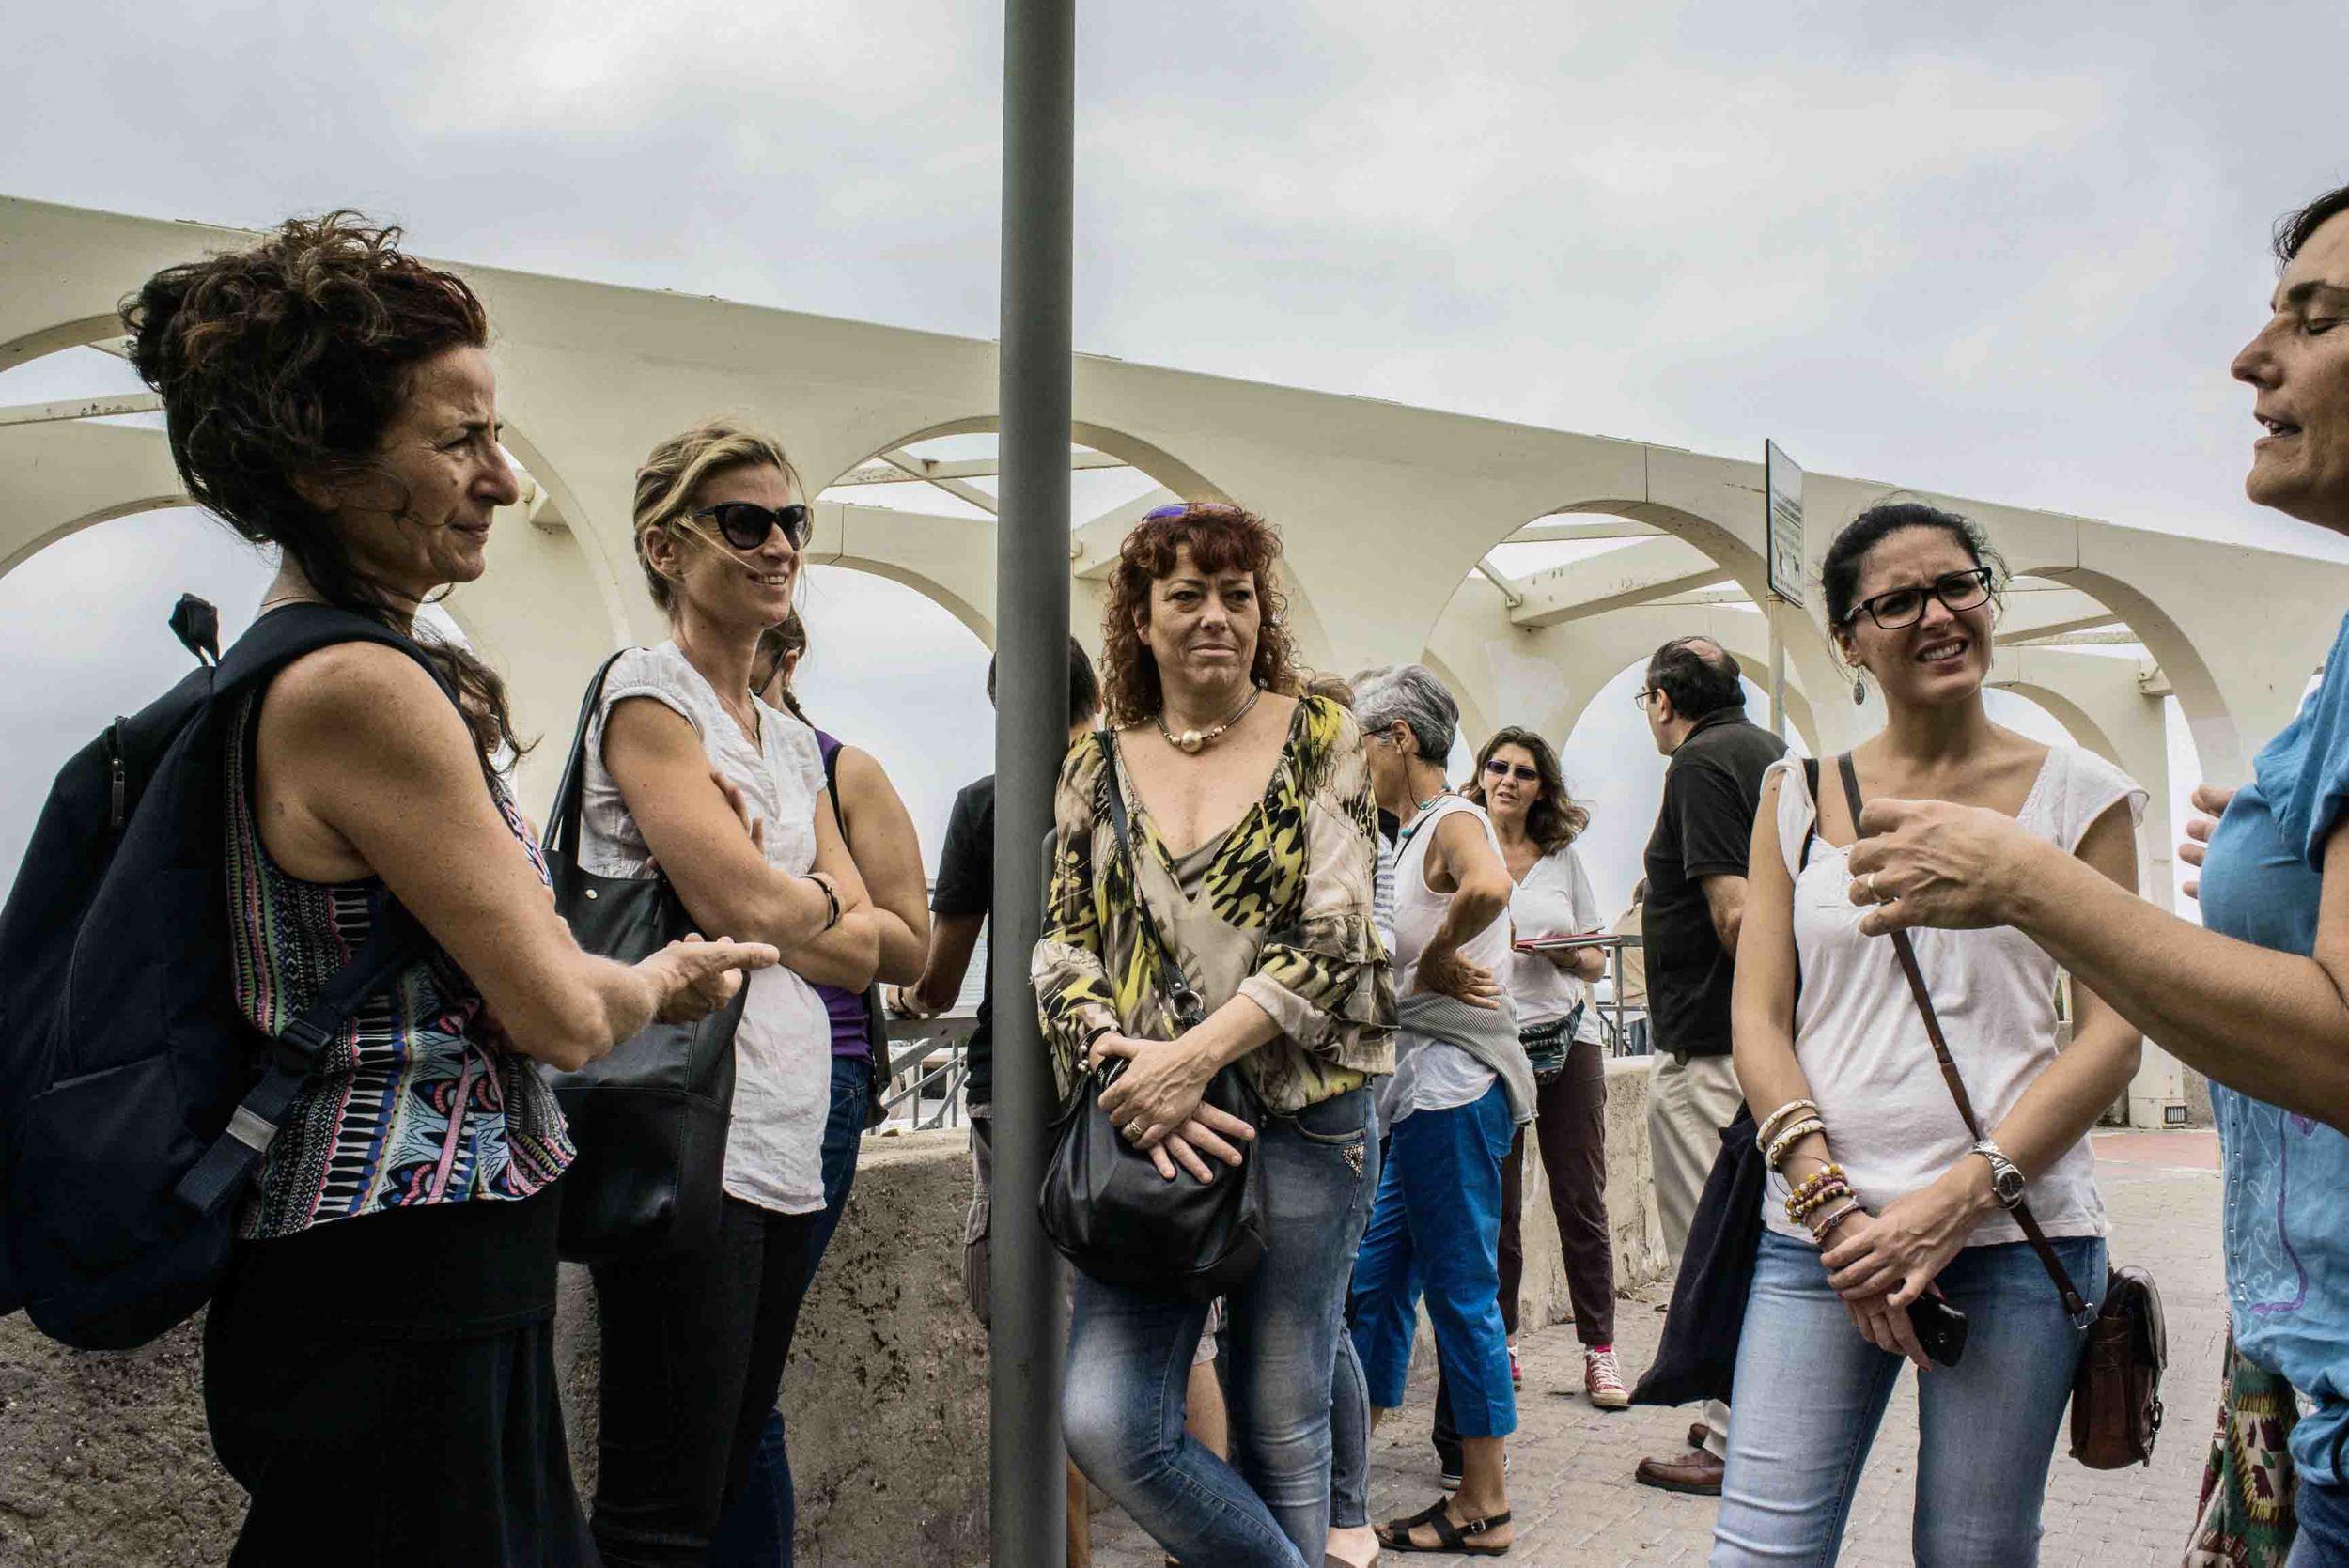 Attivisti del Gruppo di Epidemiologia Popolare durante un momento di riposo al Pirgo, il lungomare della città.Civitavecchia, settembre 2014. (David Pagliani Istivan)